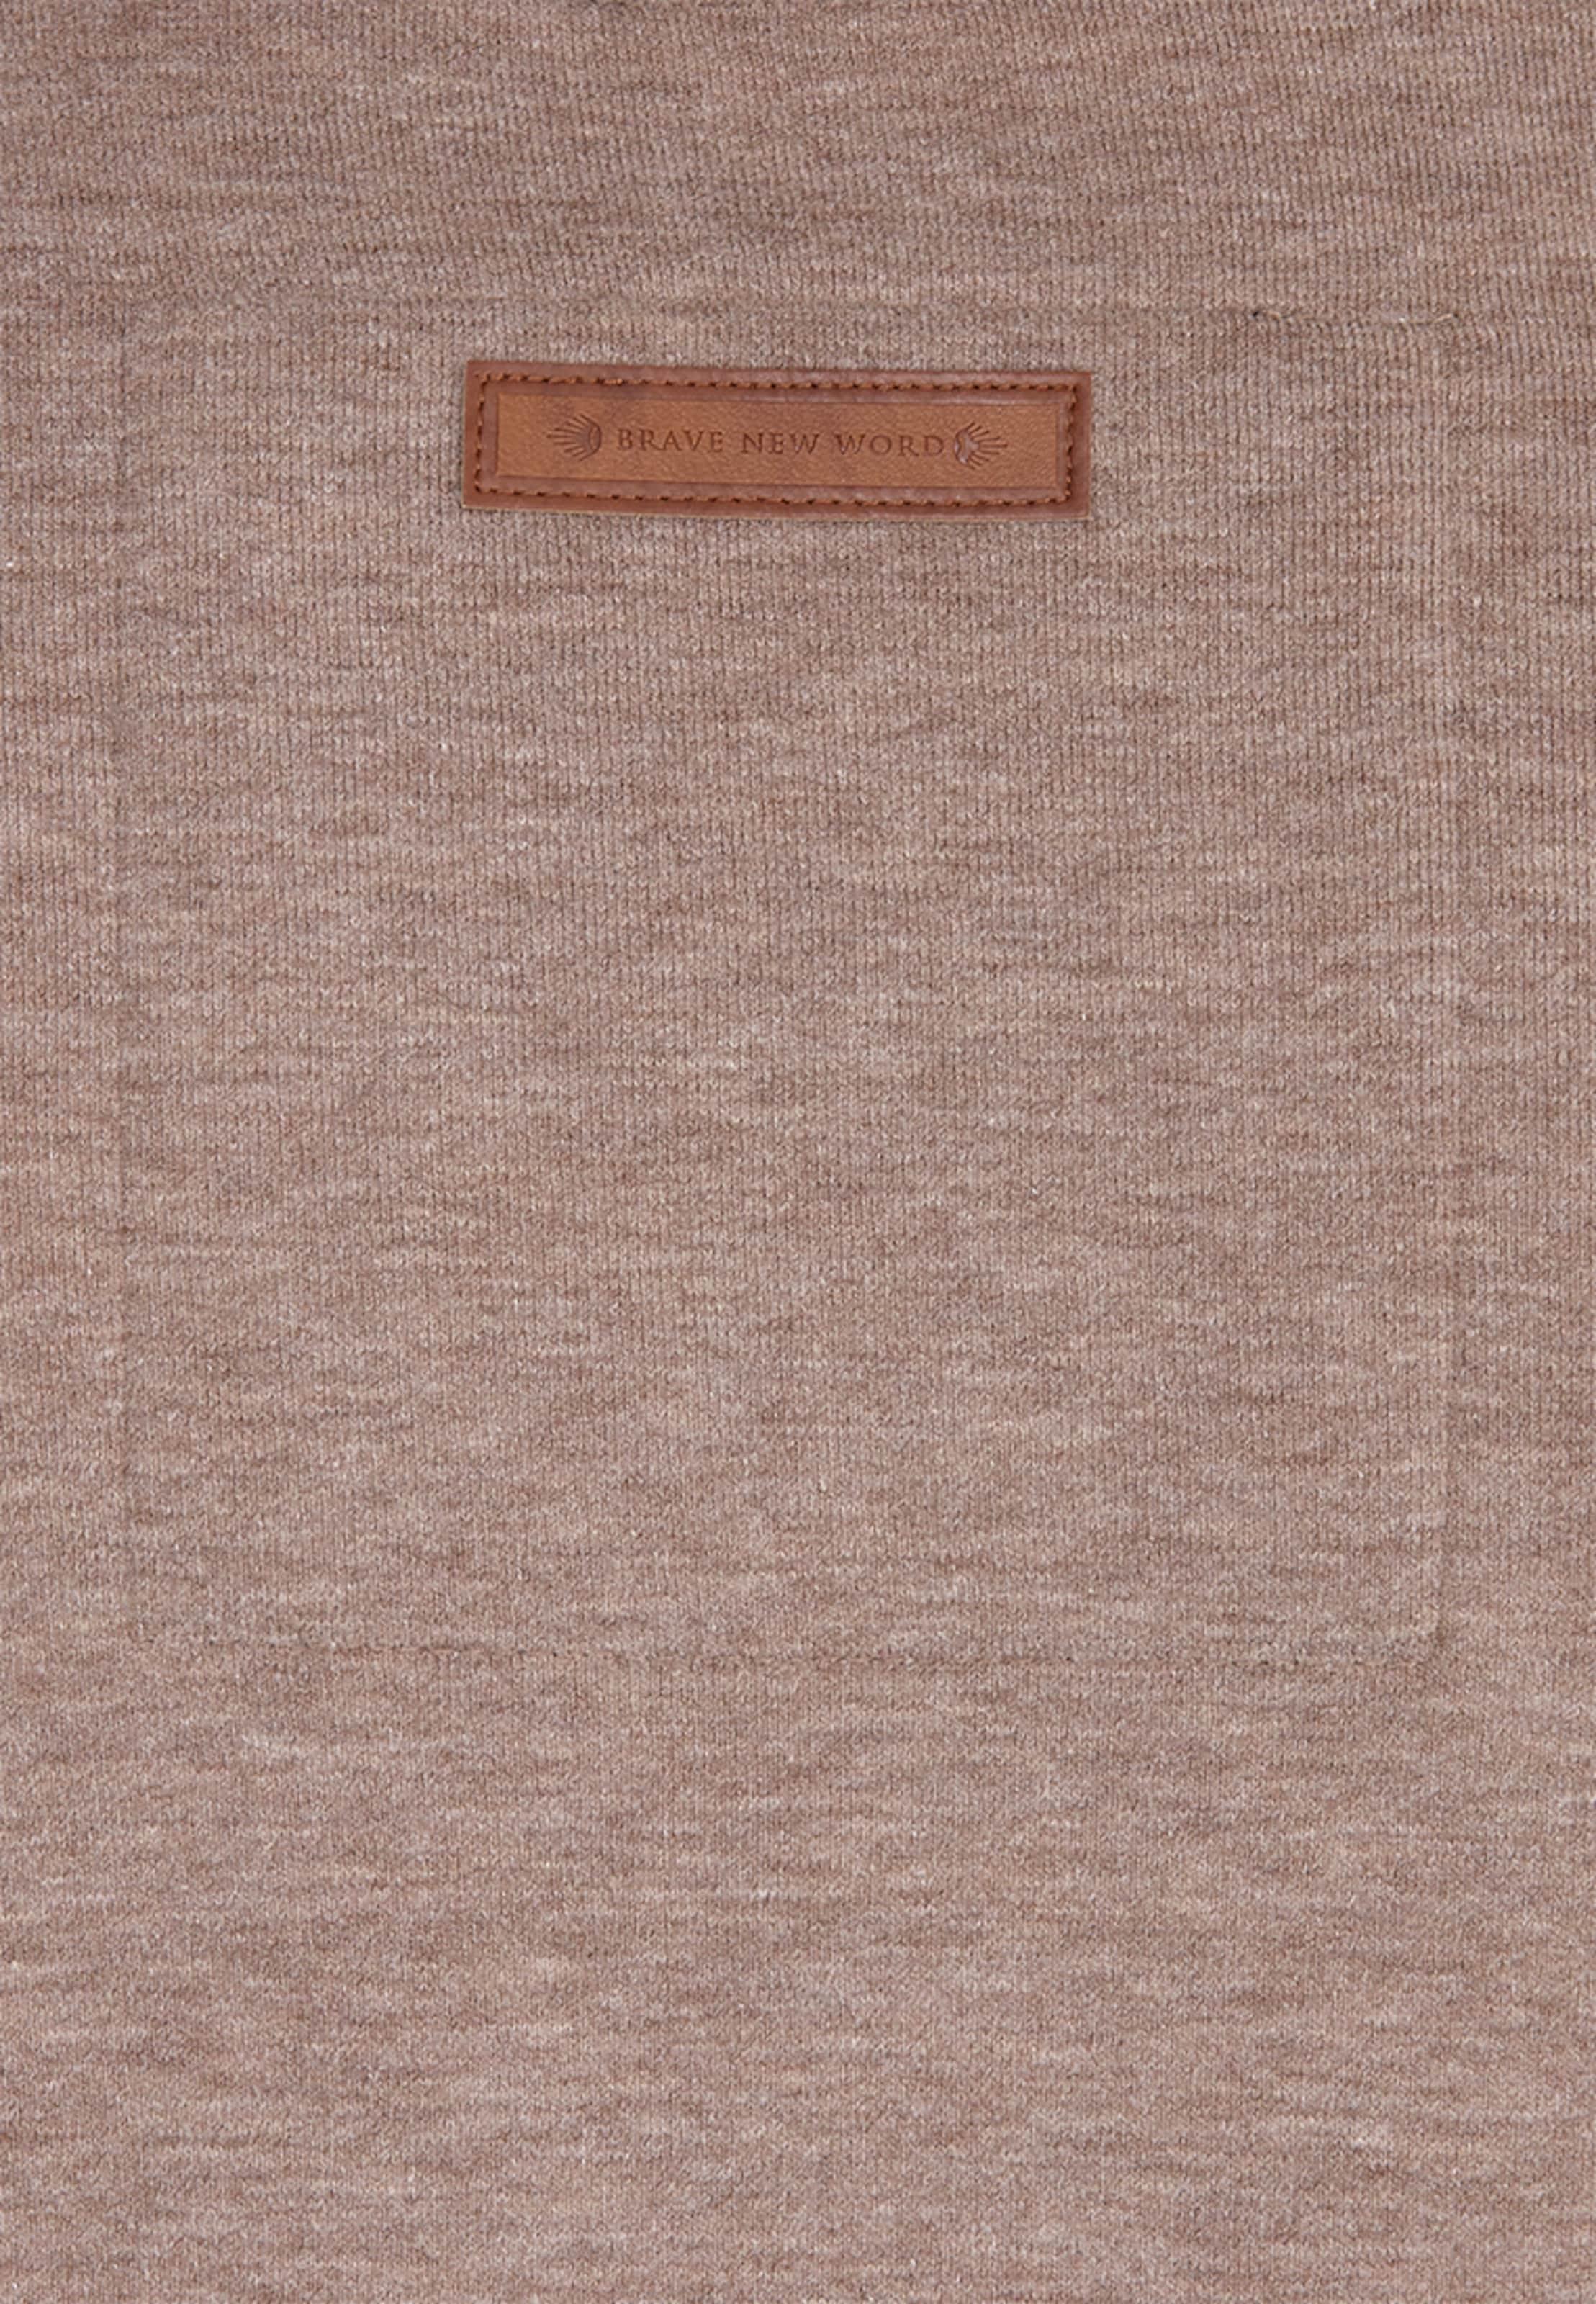 Steckdose Freies Verschiffen Authentische naketano Male Zipped Jacket Jan Mopila Online Speichern Neue Stile hq8qCh